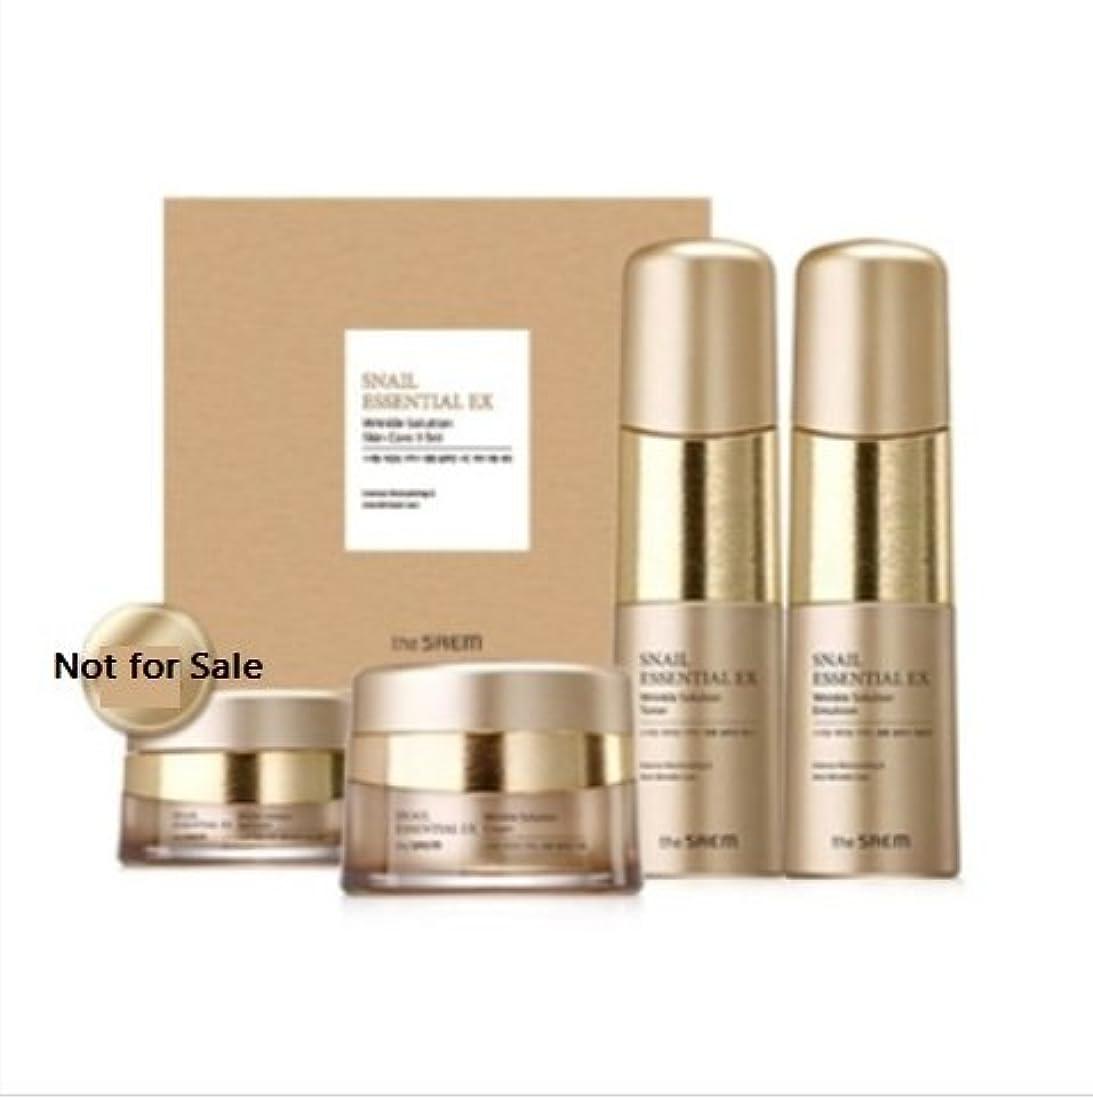 縫い目つかまえるパズル[ザセム] The Saem [スネイル エッセンシャル EXリンクルソリューション スキンケア 3種セット] (Snail Essential EX-Wrinkle Solution Skin Care 3Set) [並行輸入品]